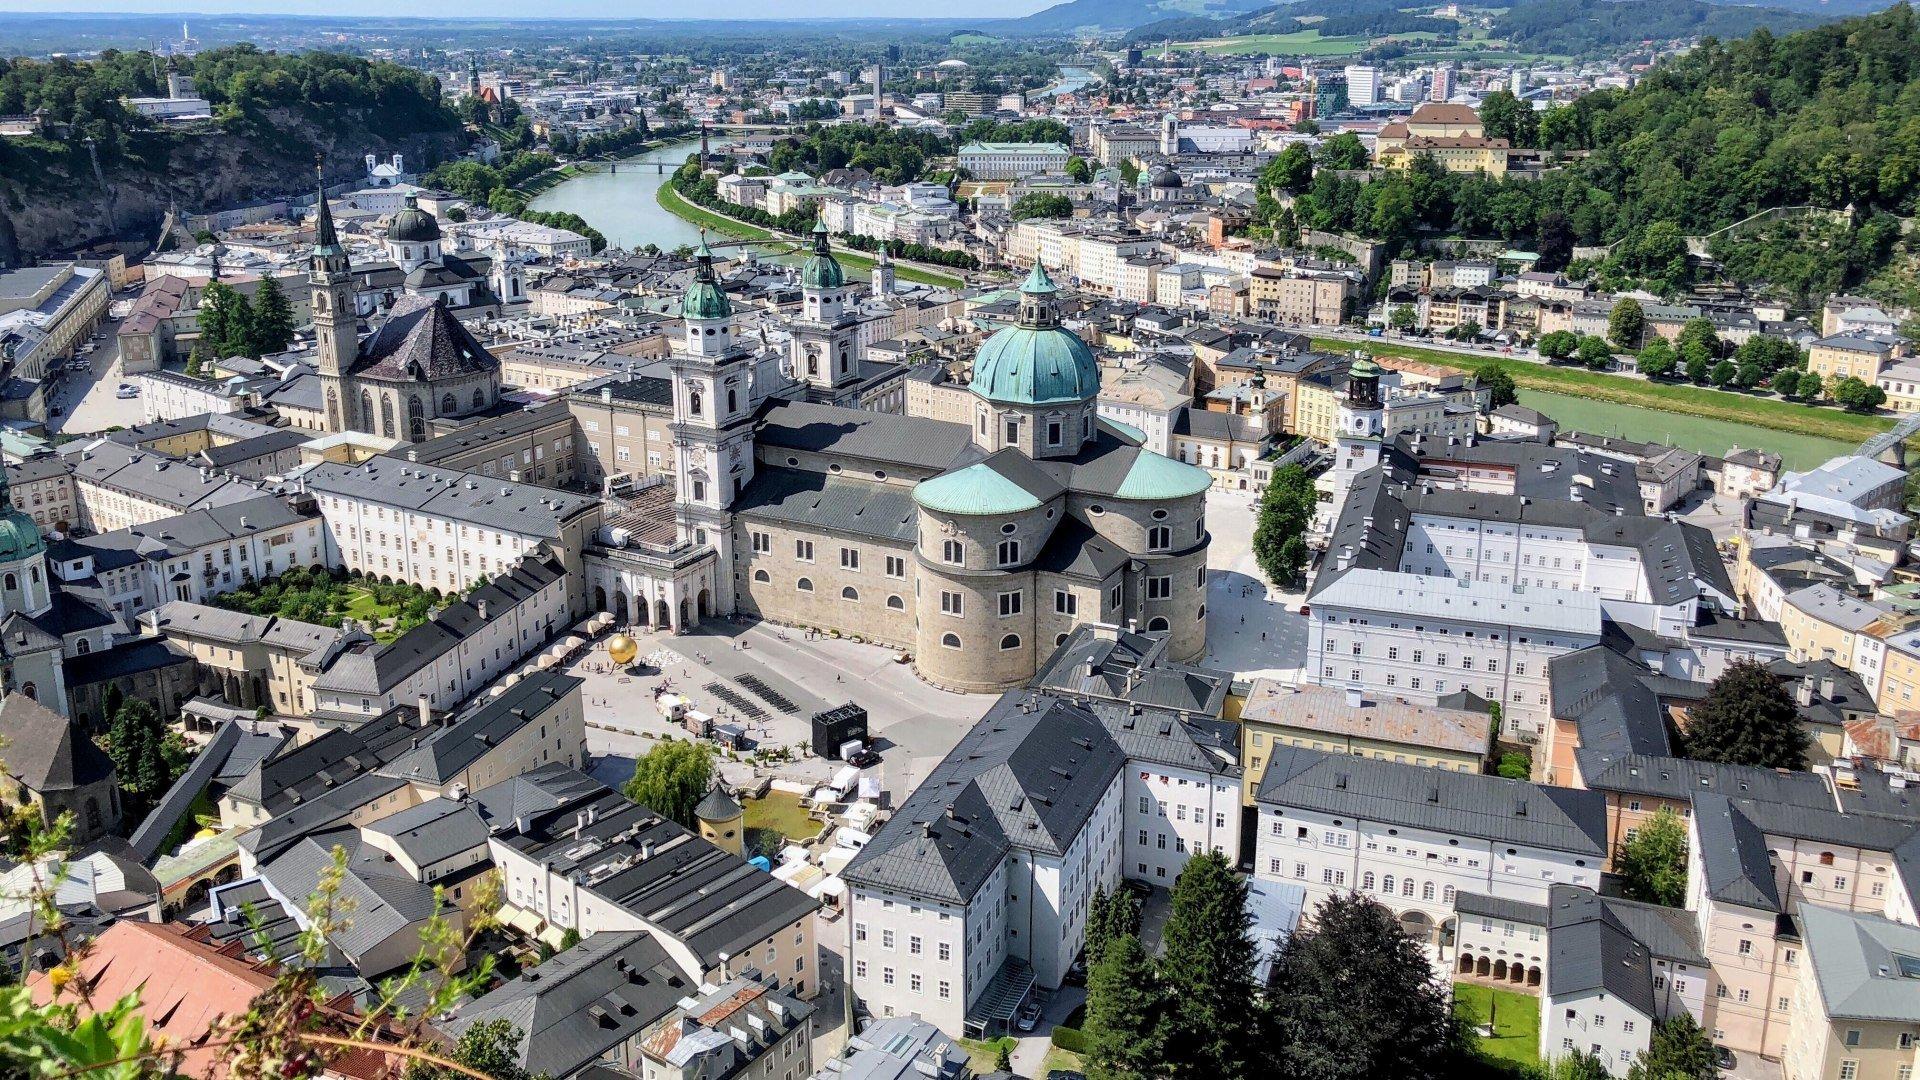 Tagesausflug Salzburg, © Alex Hufnagl